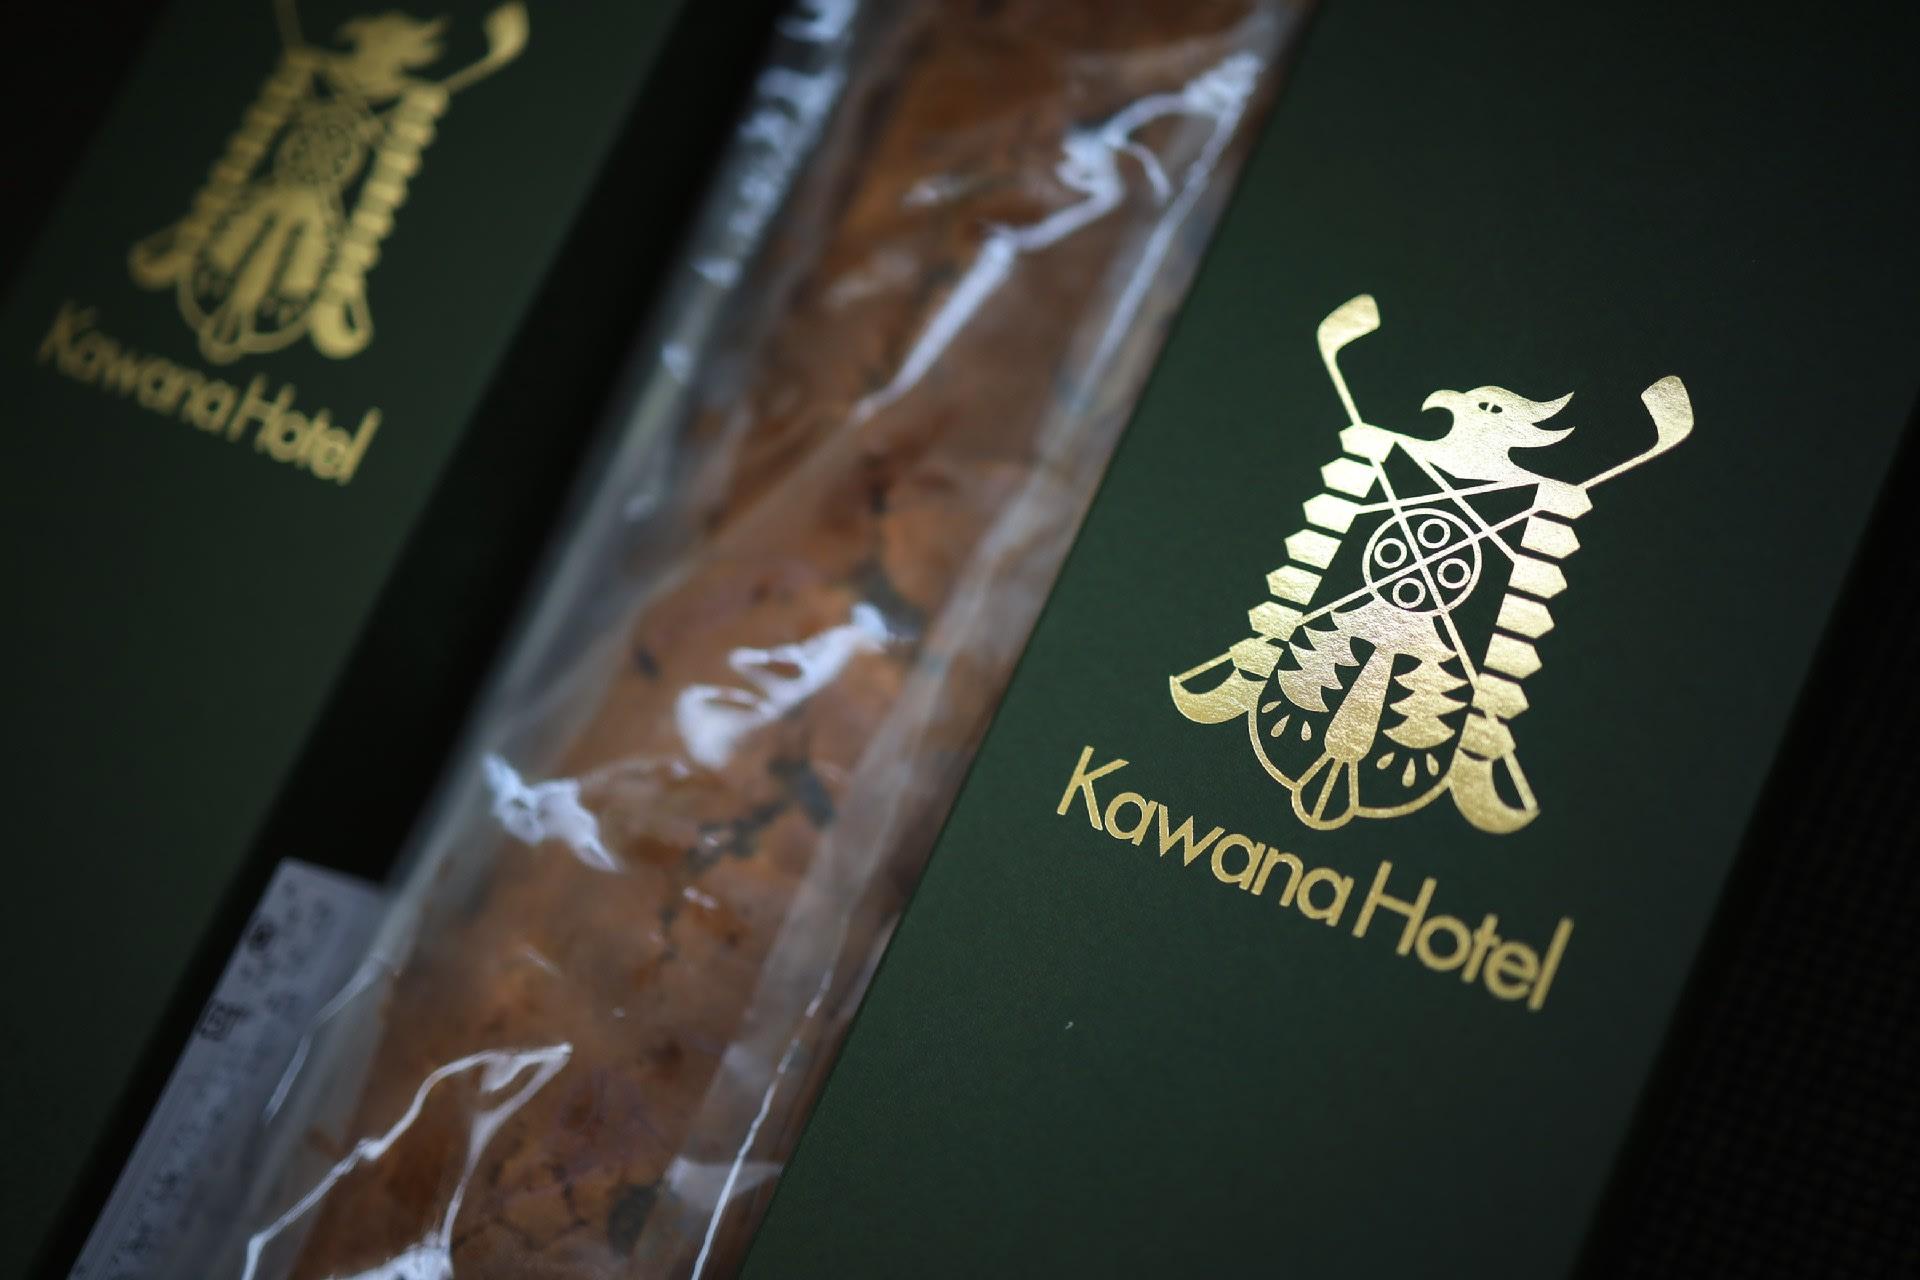 川奈ホテルのフルーツケーキ